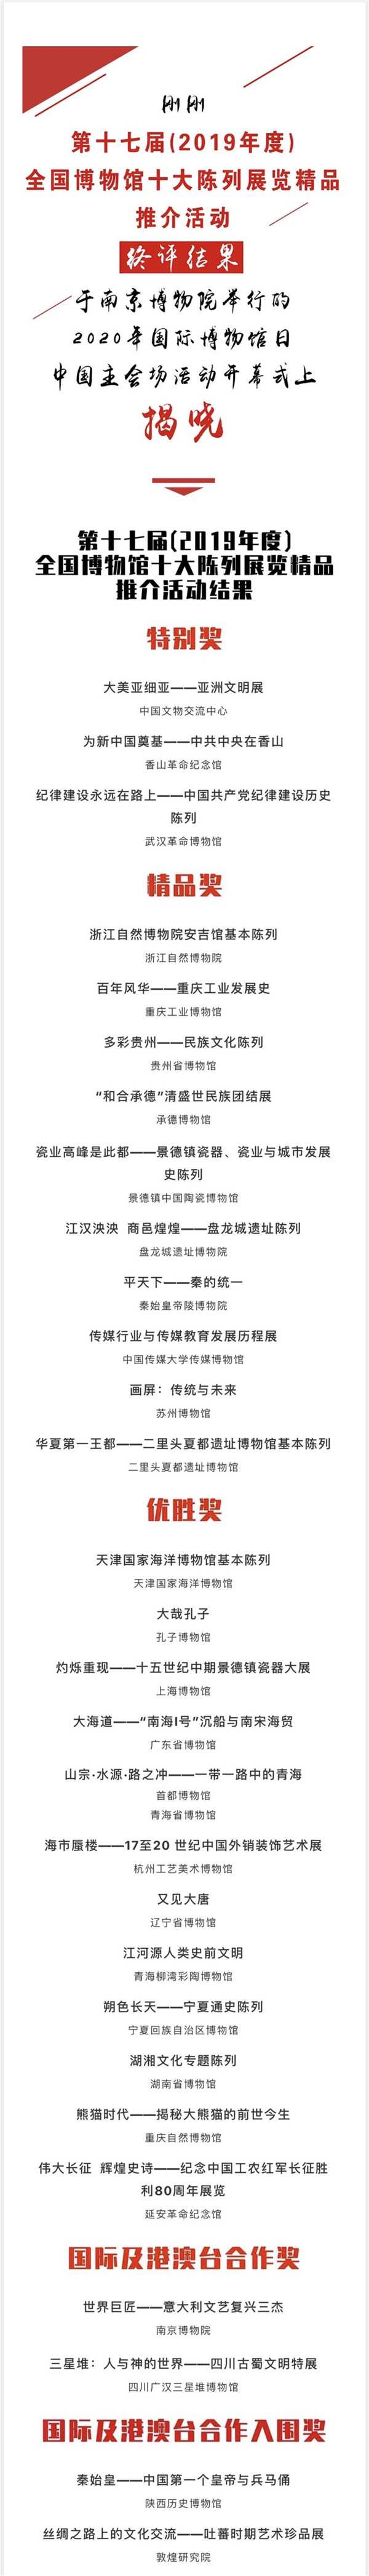 「杏悦登录」博物馆杏悦登录十大陈列展览精图片